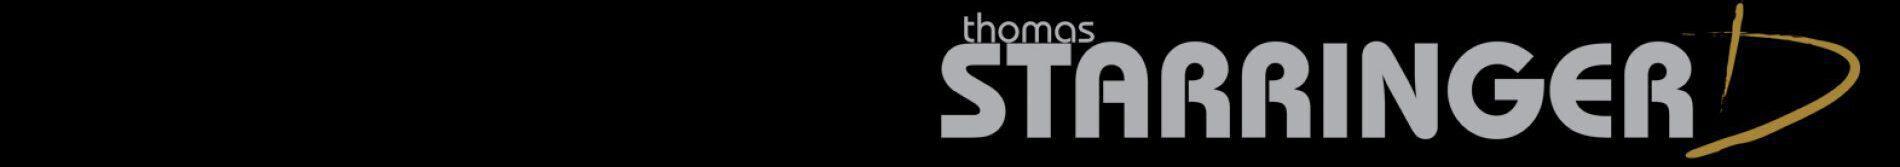 thomasstarringer.com